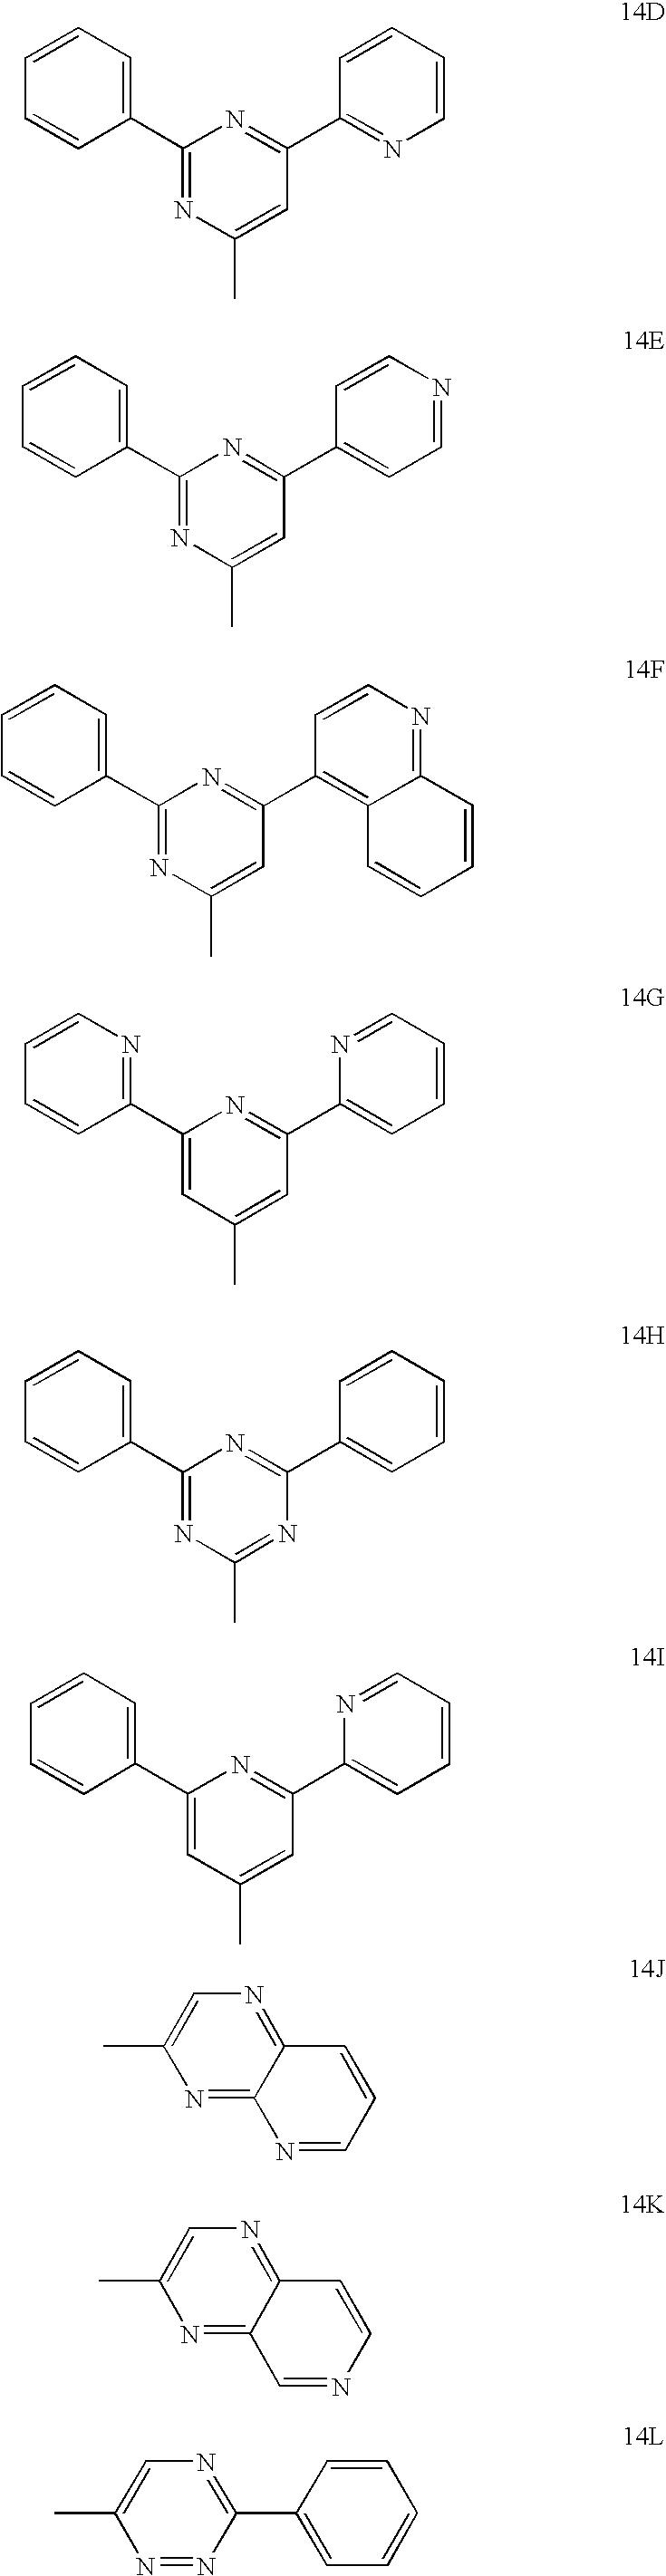 Figure US07875367-20110125-C00022